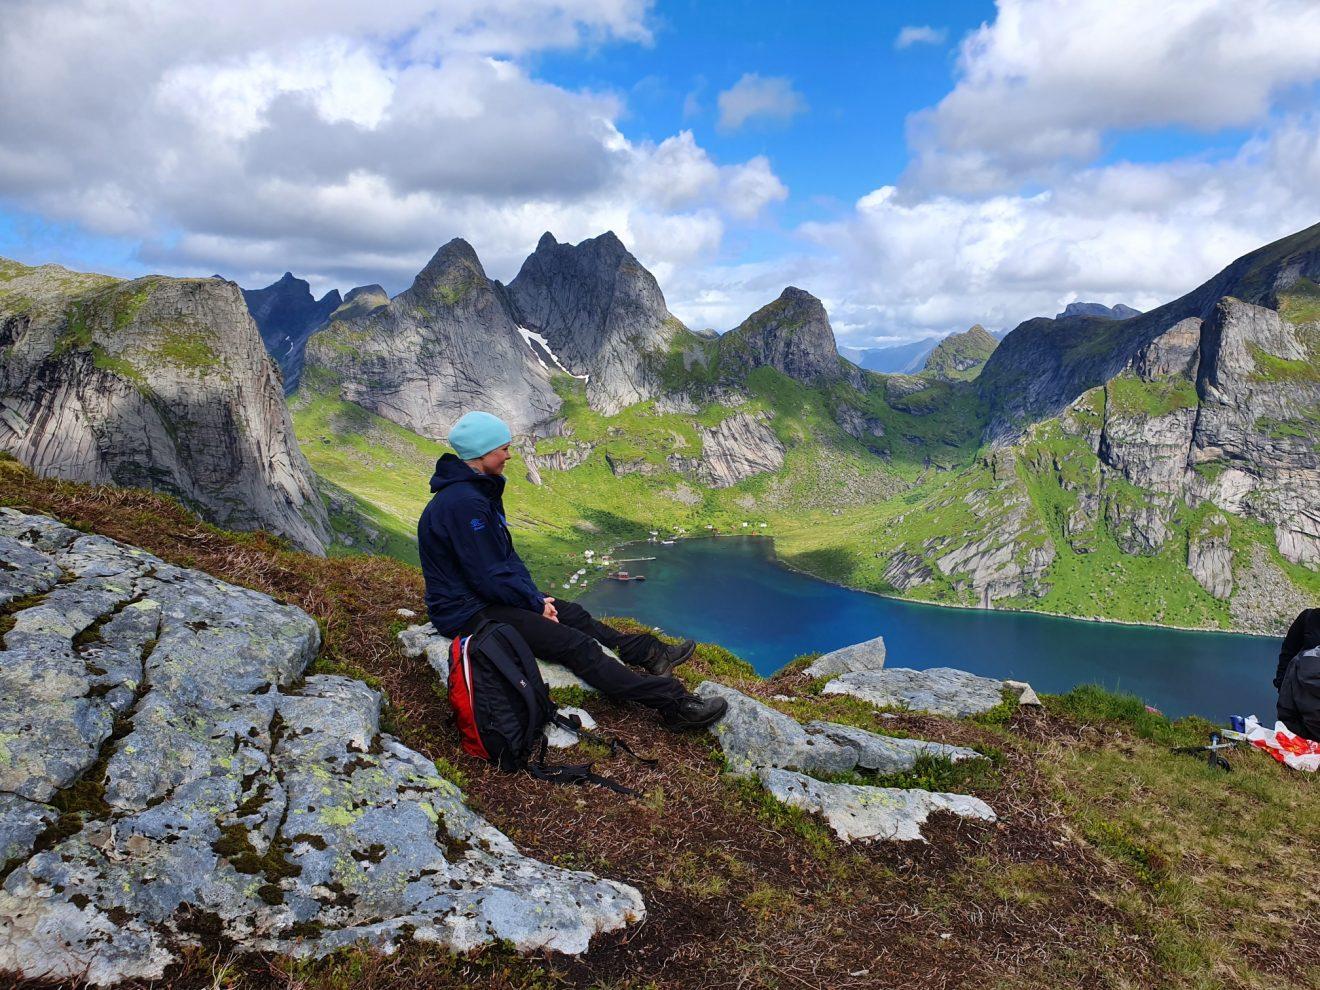 lofoten islands hiking norway